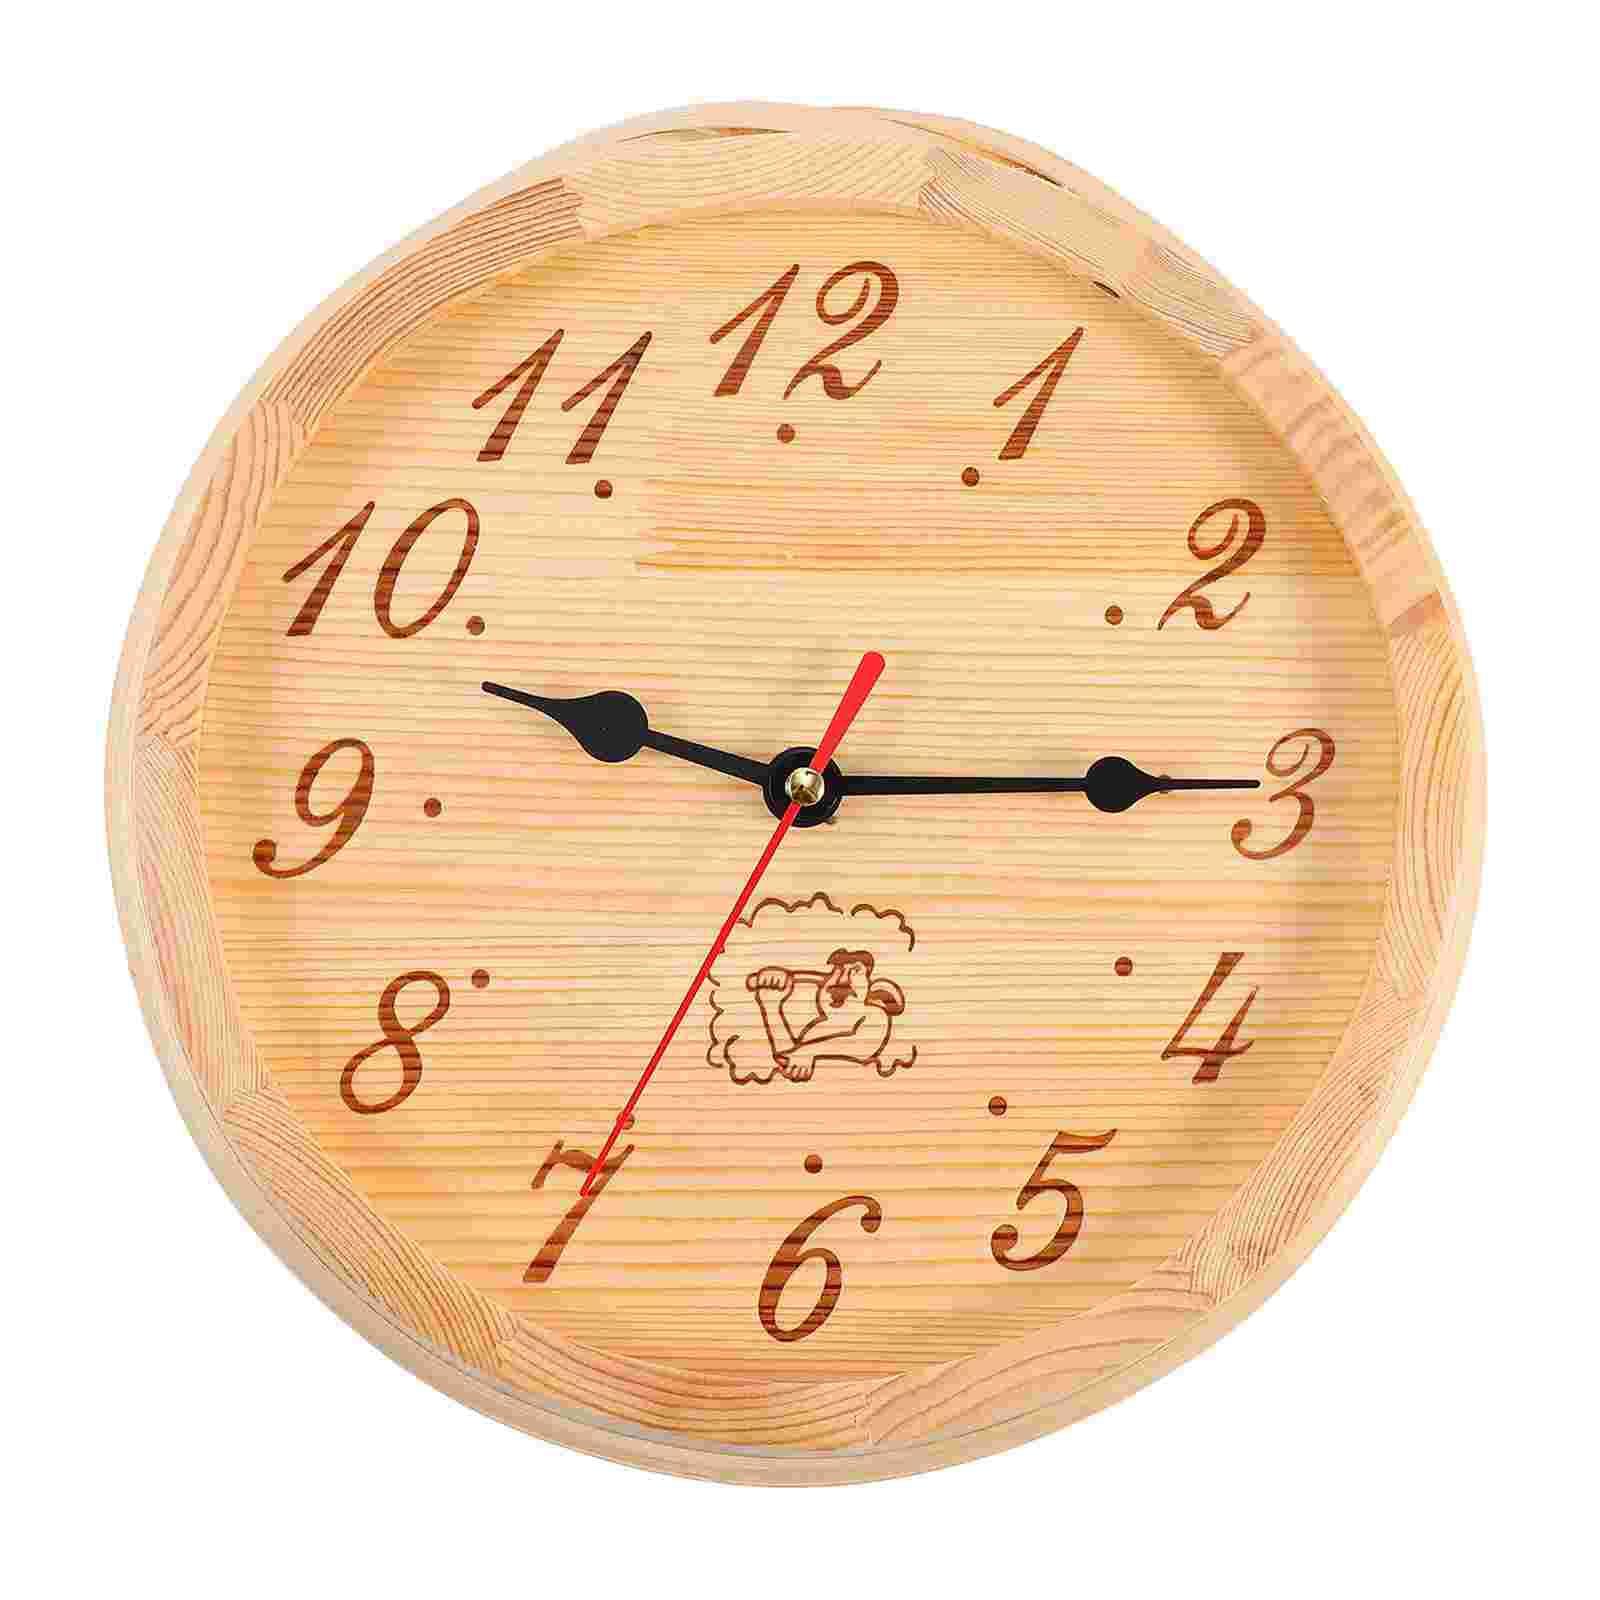 1 قطعة ساونا الحائط معلقة ساعة خشبية ديكور ساعة توقيت رملية غرفة ساونا المعدات